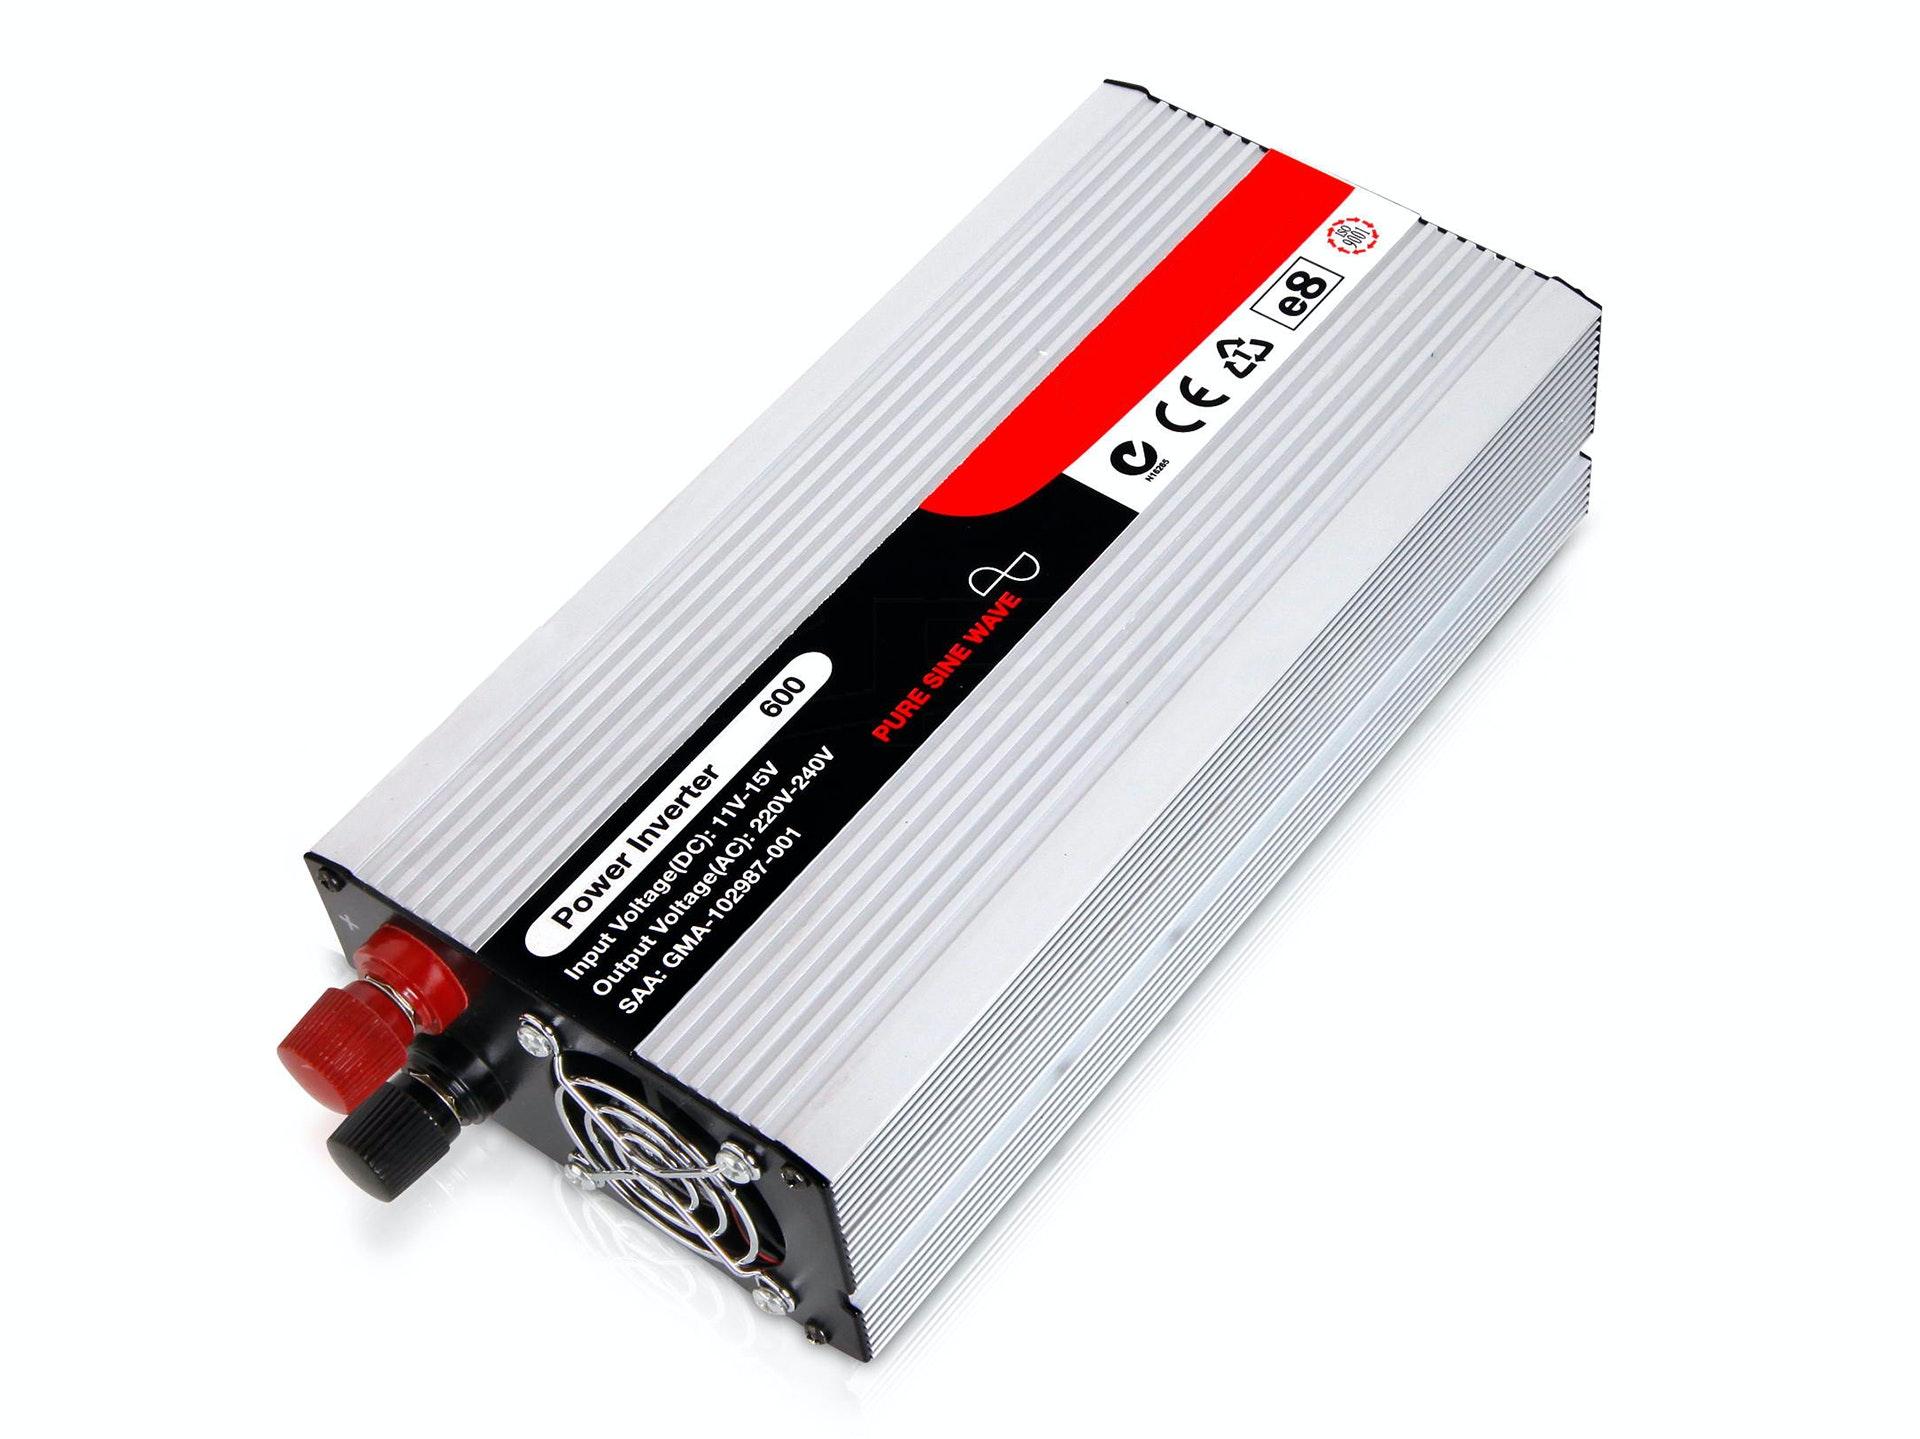 Pure Sine Wave Power Inverter 600W